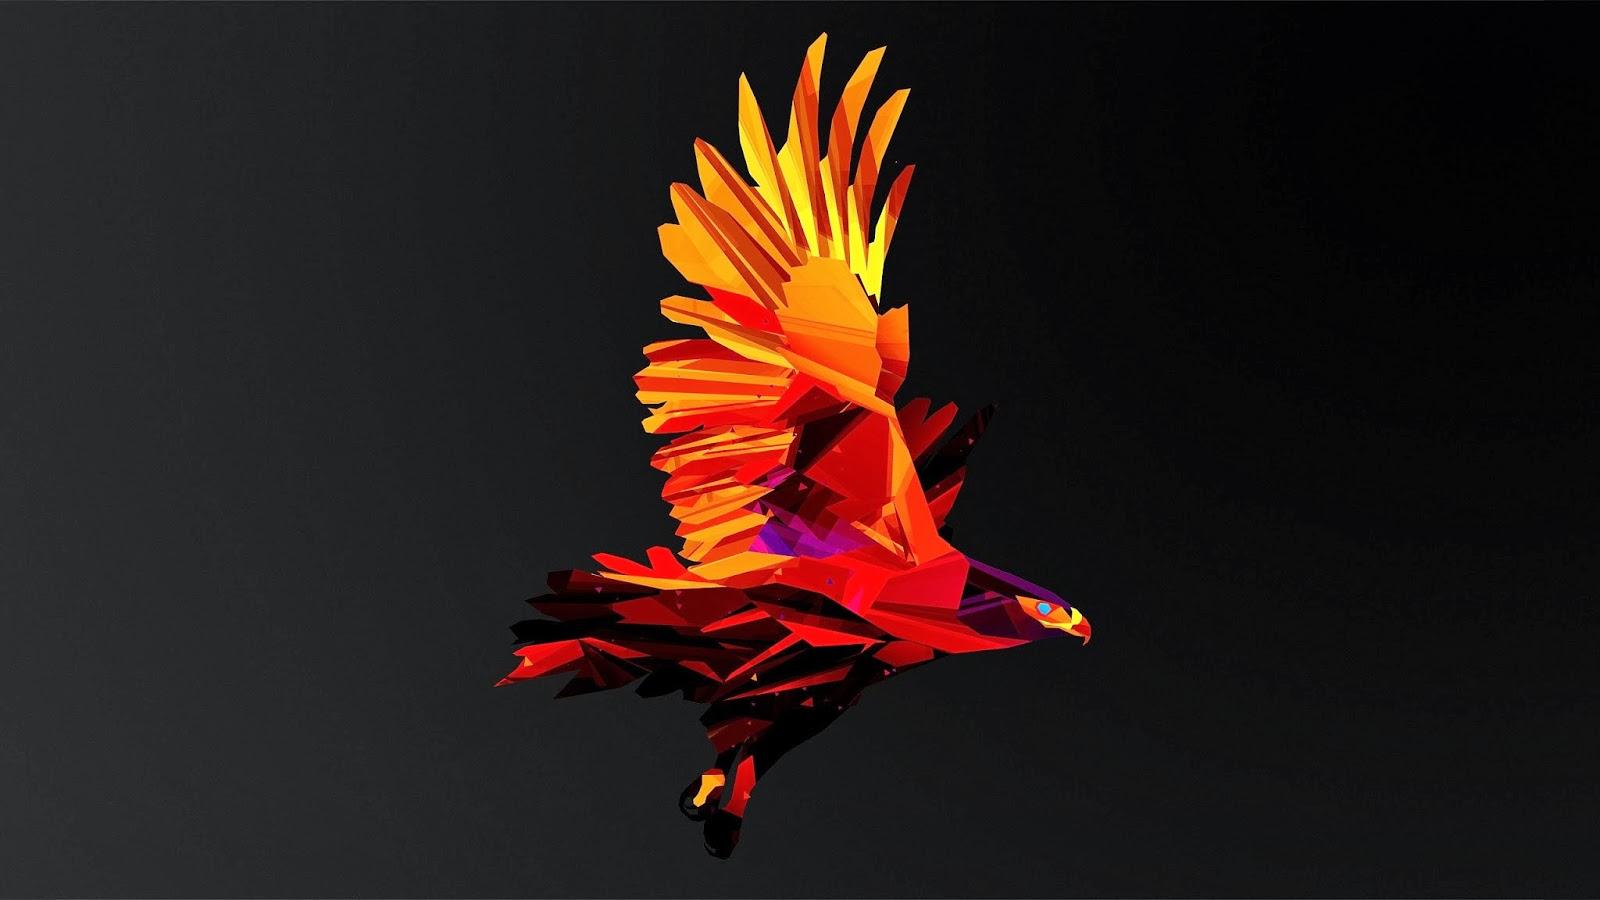 Aguila de fuego en 3d fondos de pantalla hd wallpapers hd - Fenix bird hd images ...